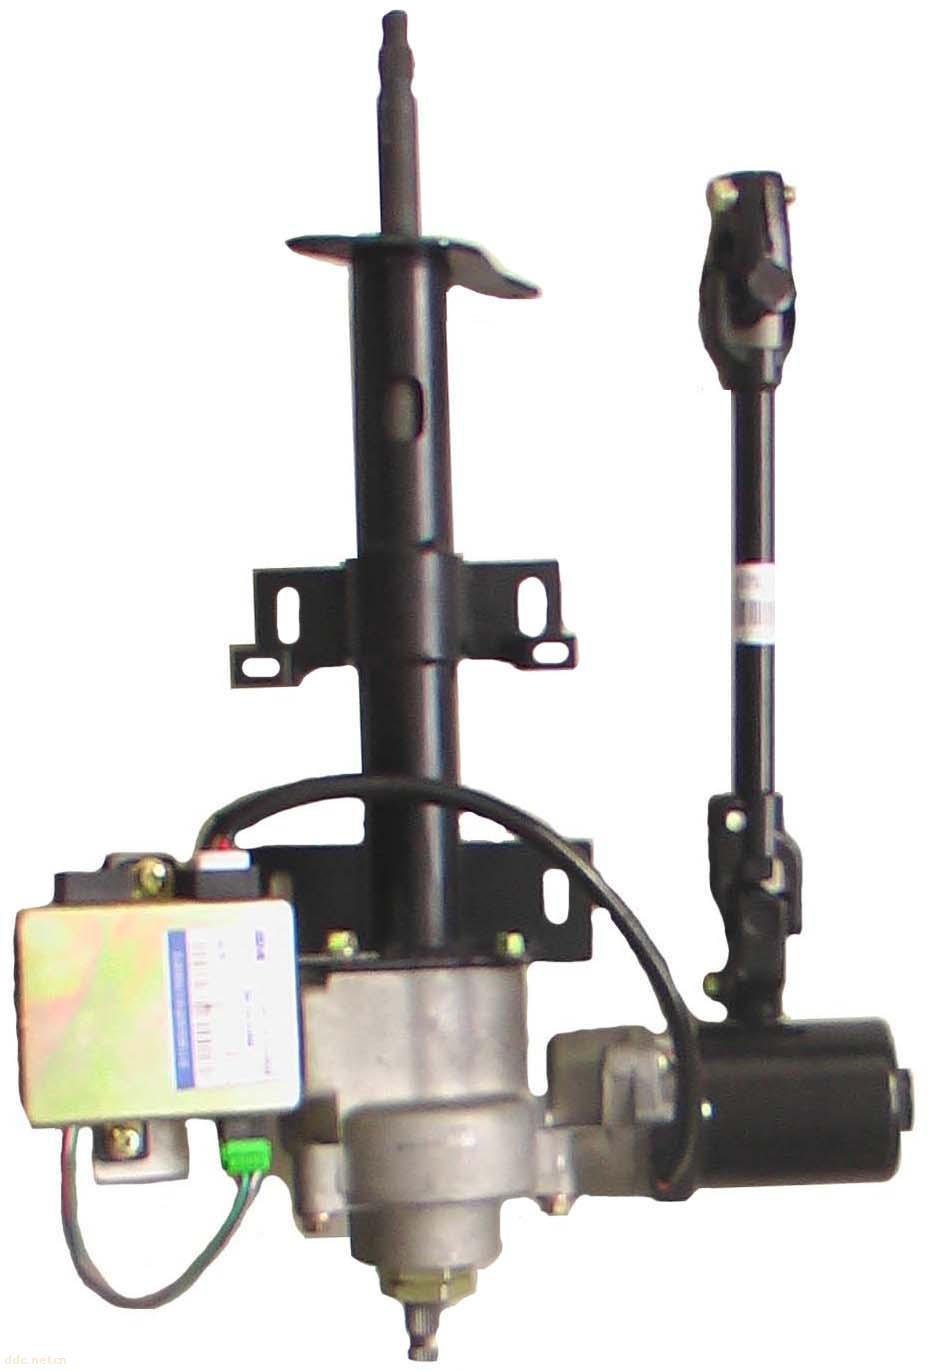 五菱系列 电动助力转向 天津德科汽车部件有限公司,天津德高清图片